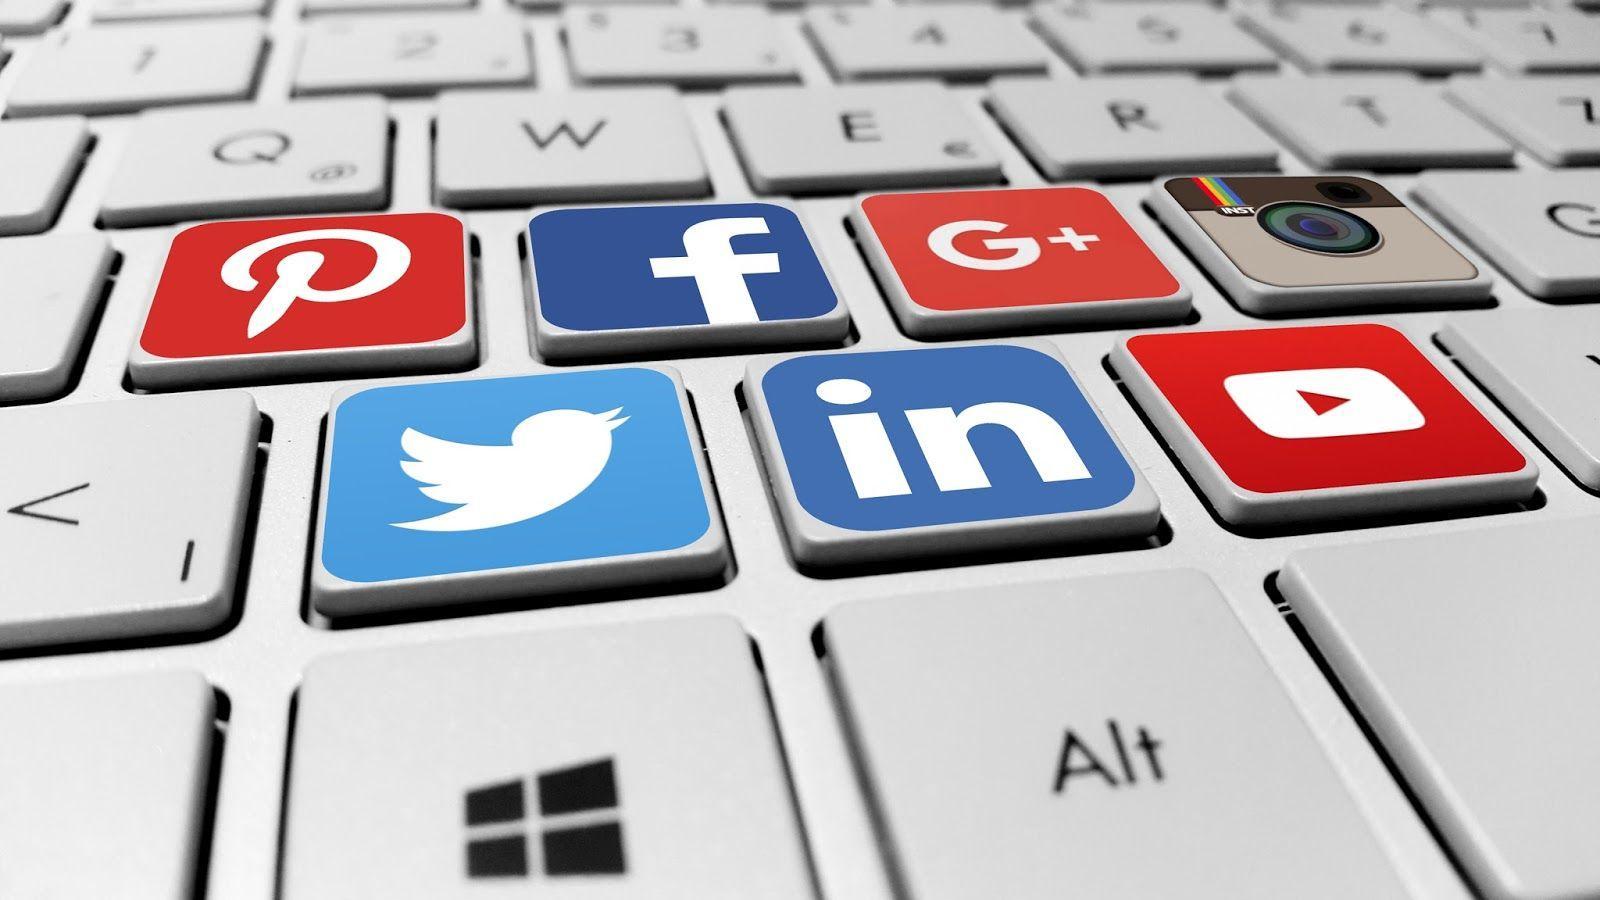 Зависимы ли мы от социальных сетей?